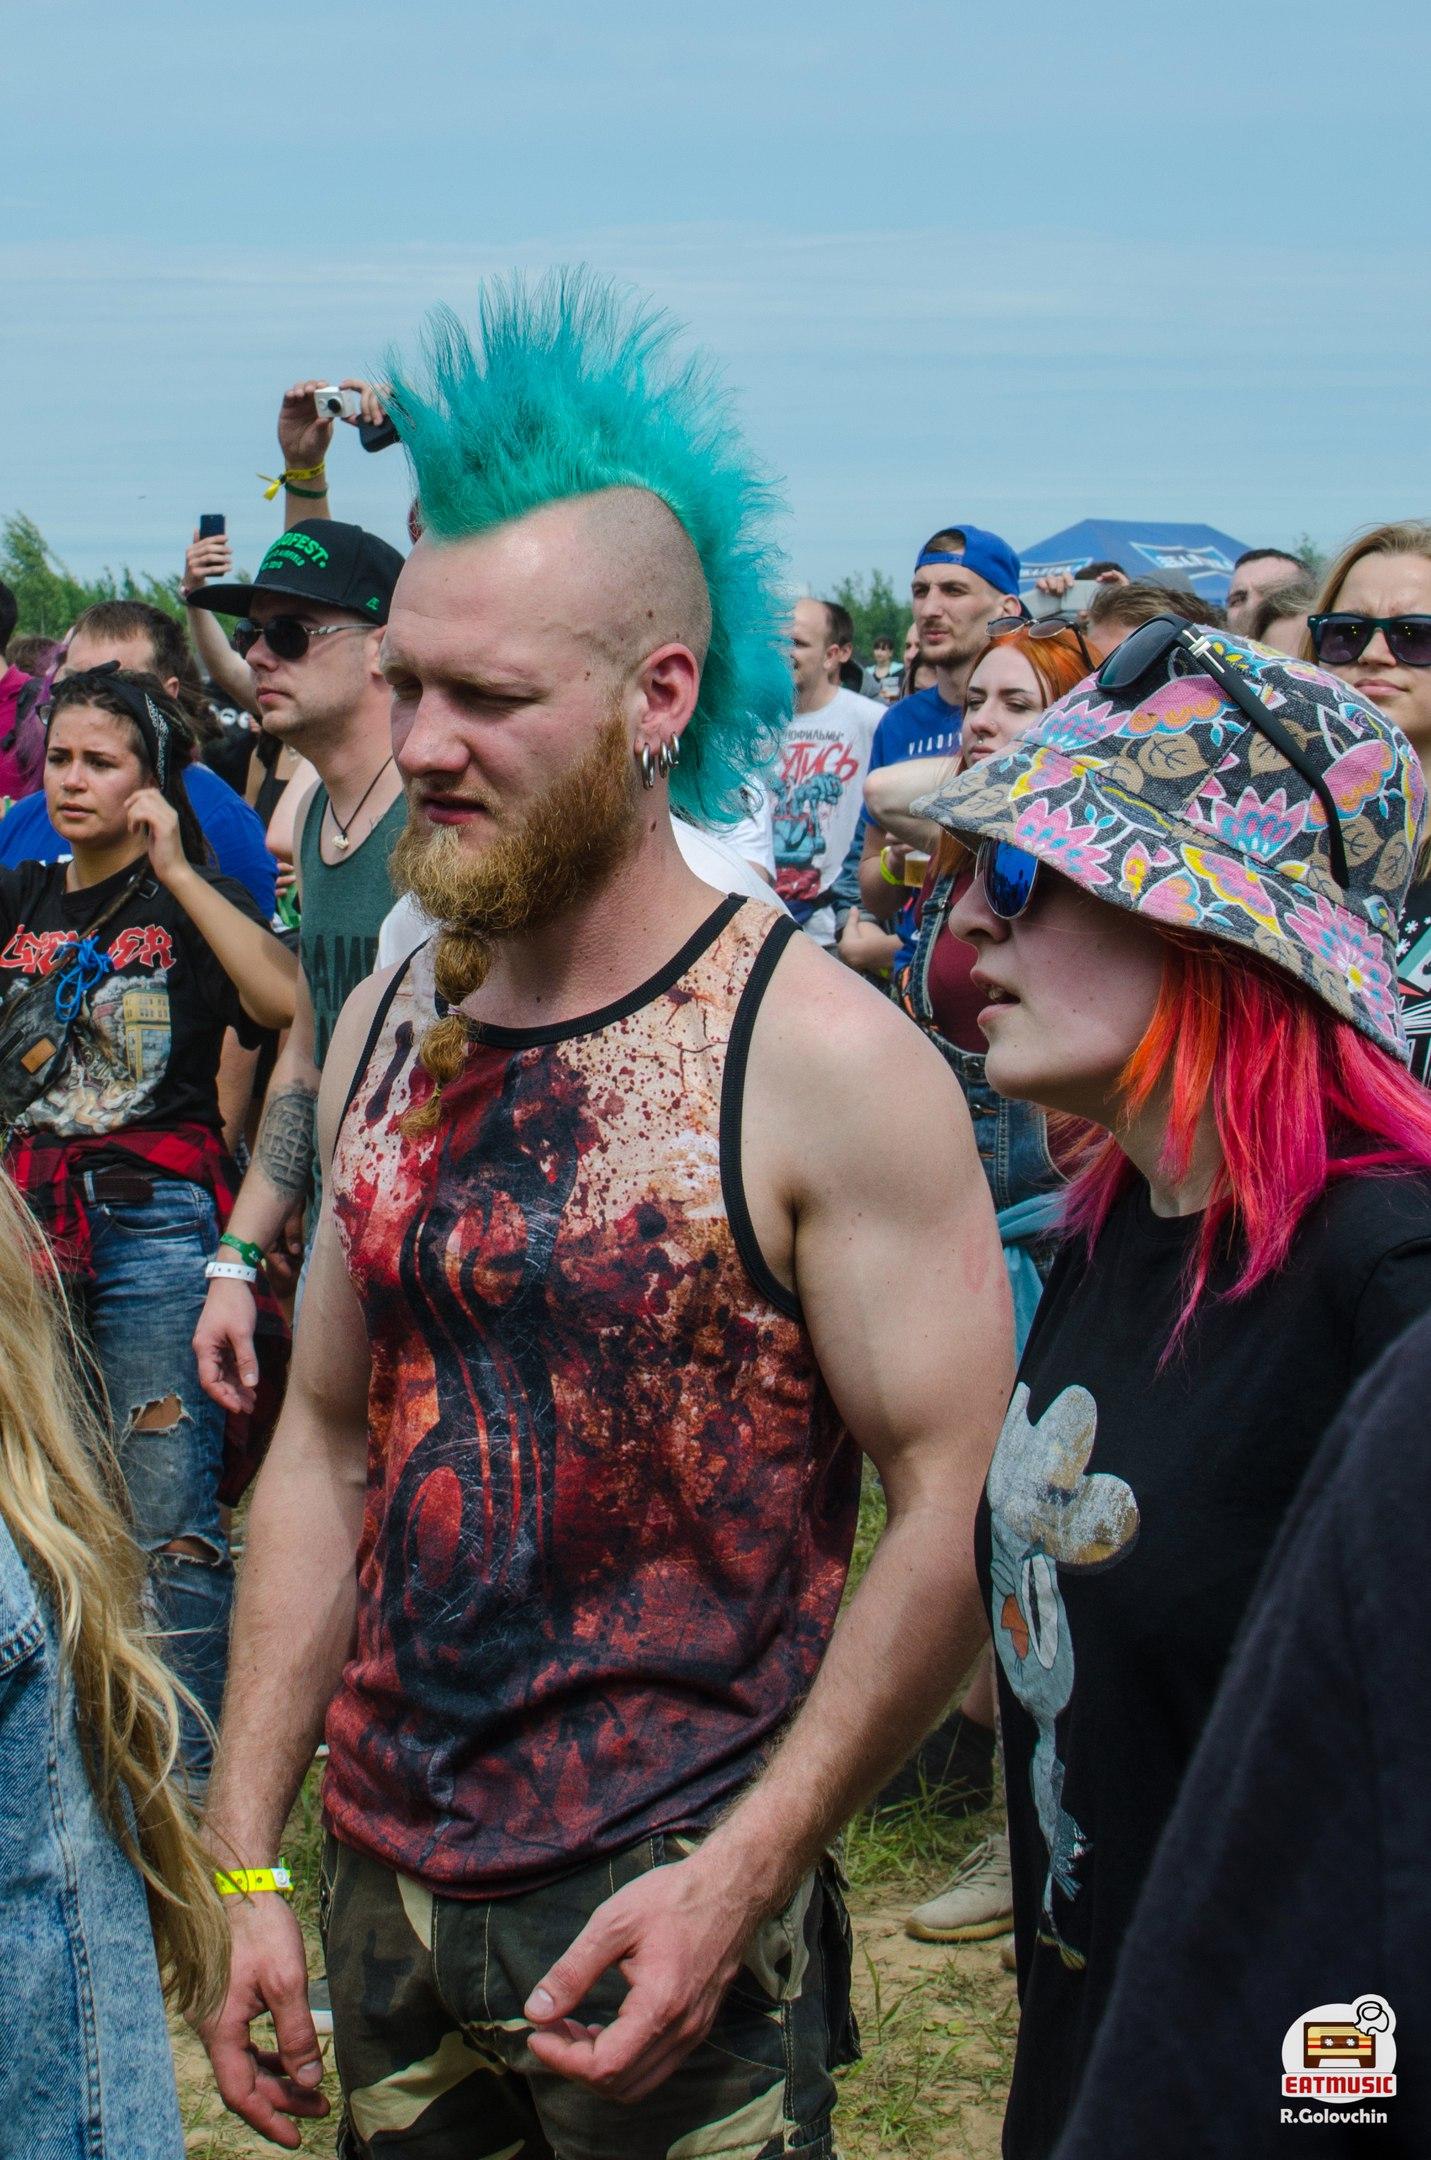 Фестиваль Доброфест-2017: репортаж в флешбэках, эмоциях и фото (Часть I) Фотограф Роман Головчин